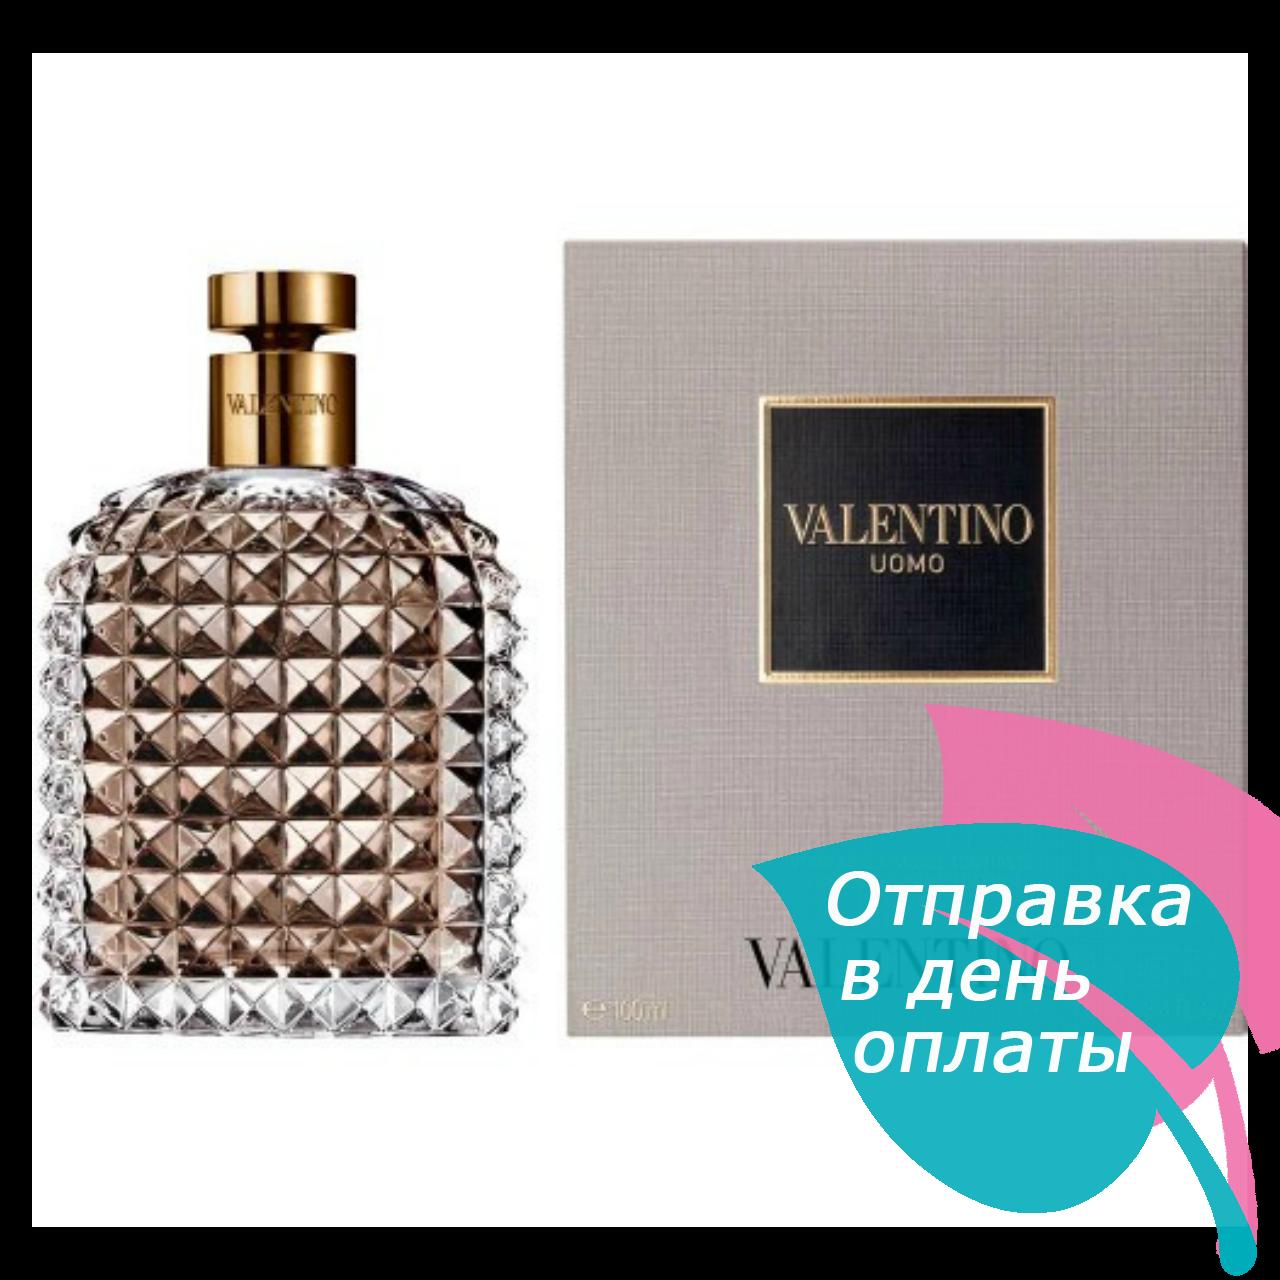 Мужская парфюмированная вода Valentino Uomo